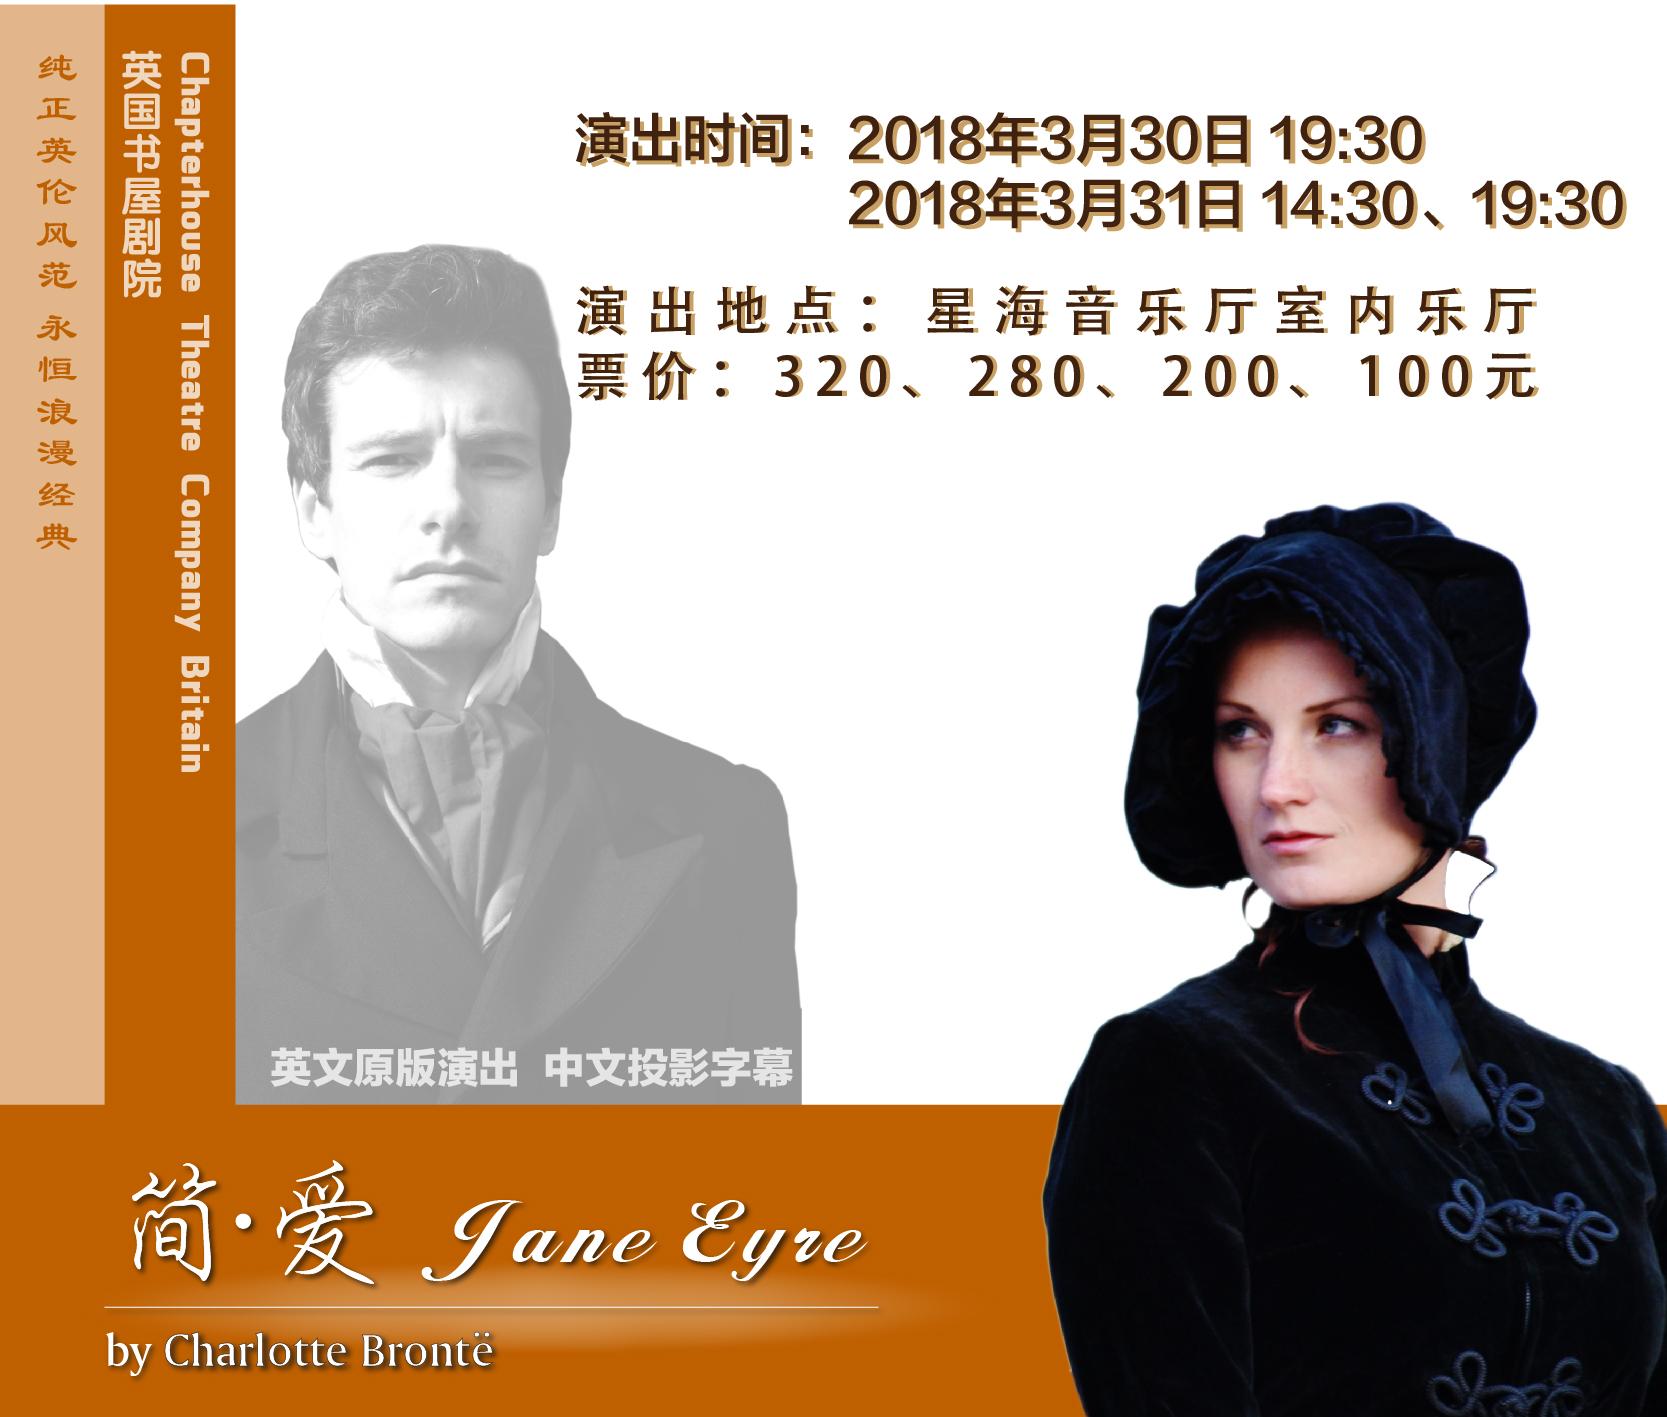 英国书屋剧院英伦经典系列《简爱》 Jane Eyre by Chapterhouse Theatre Company